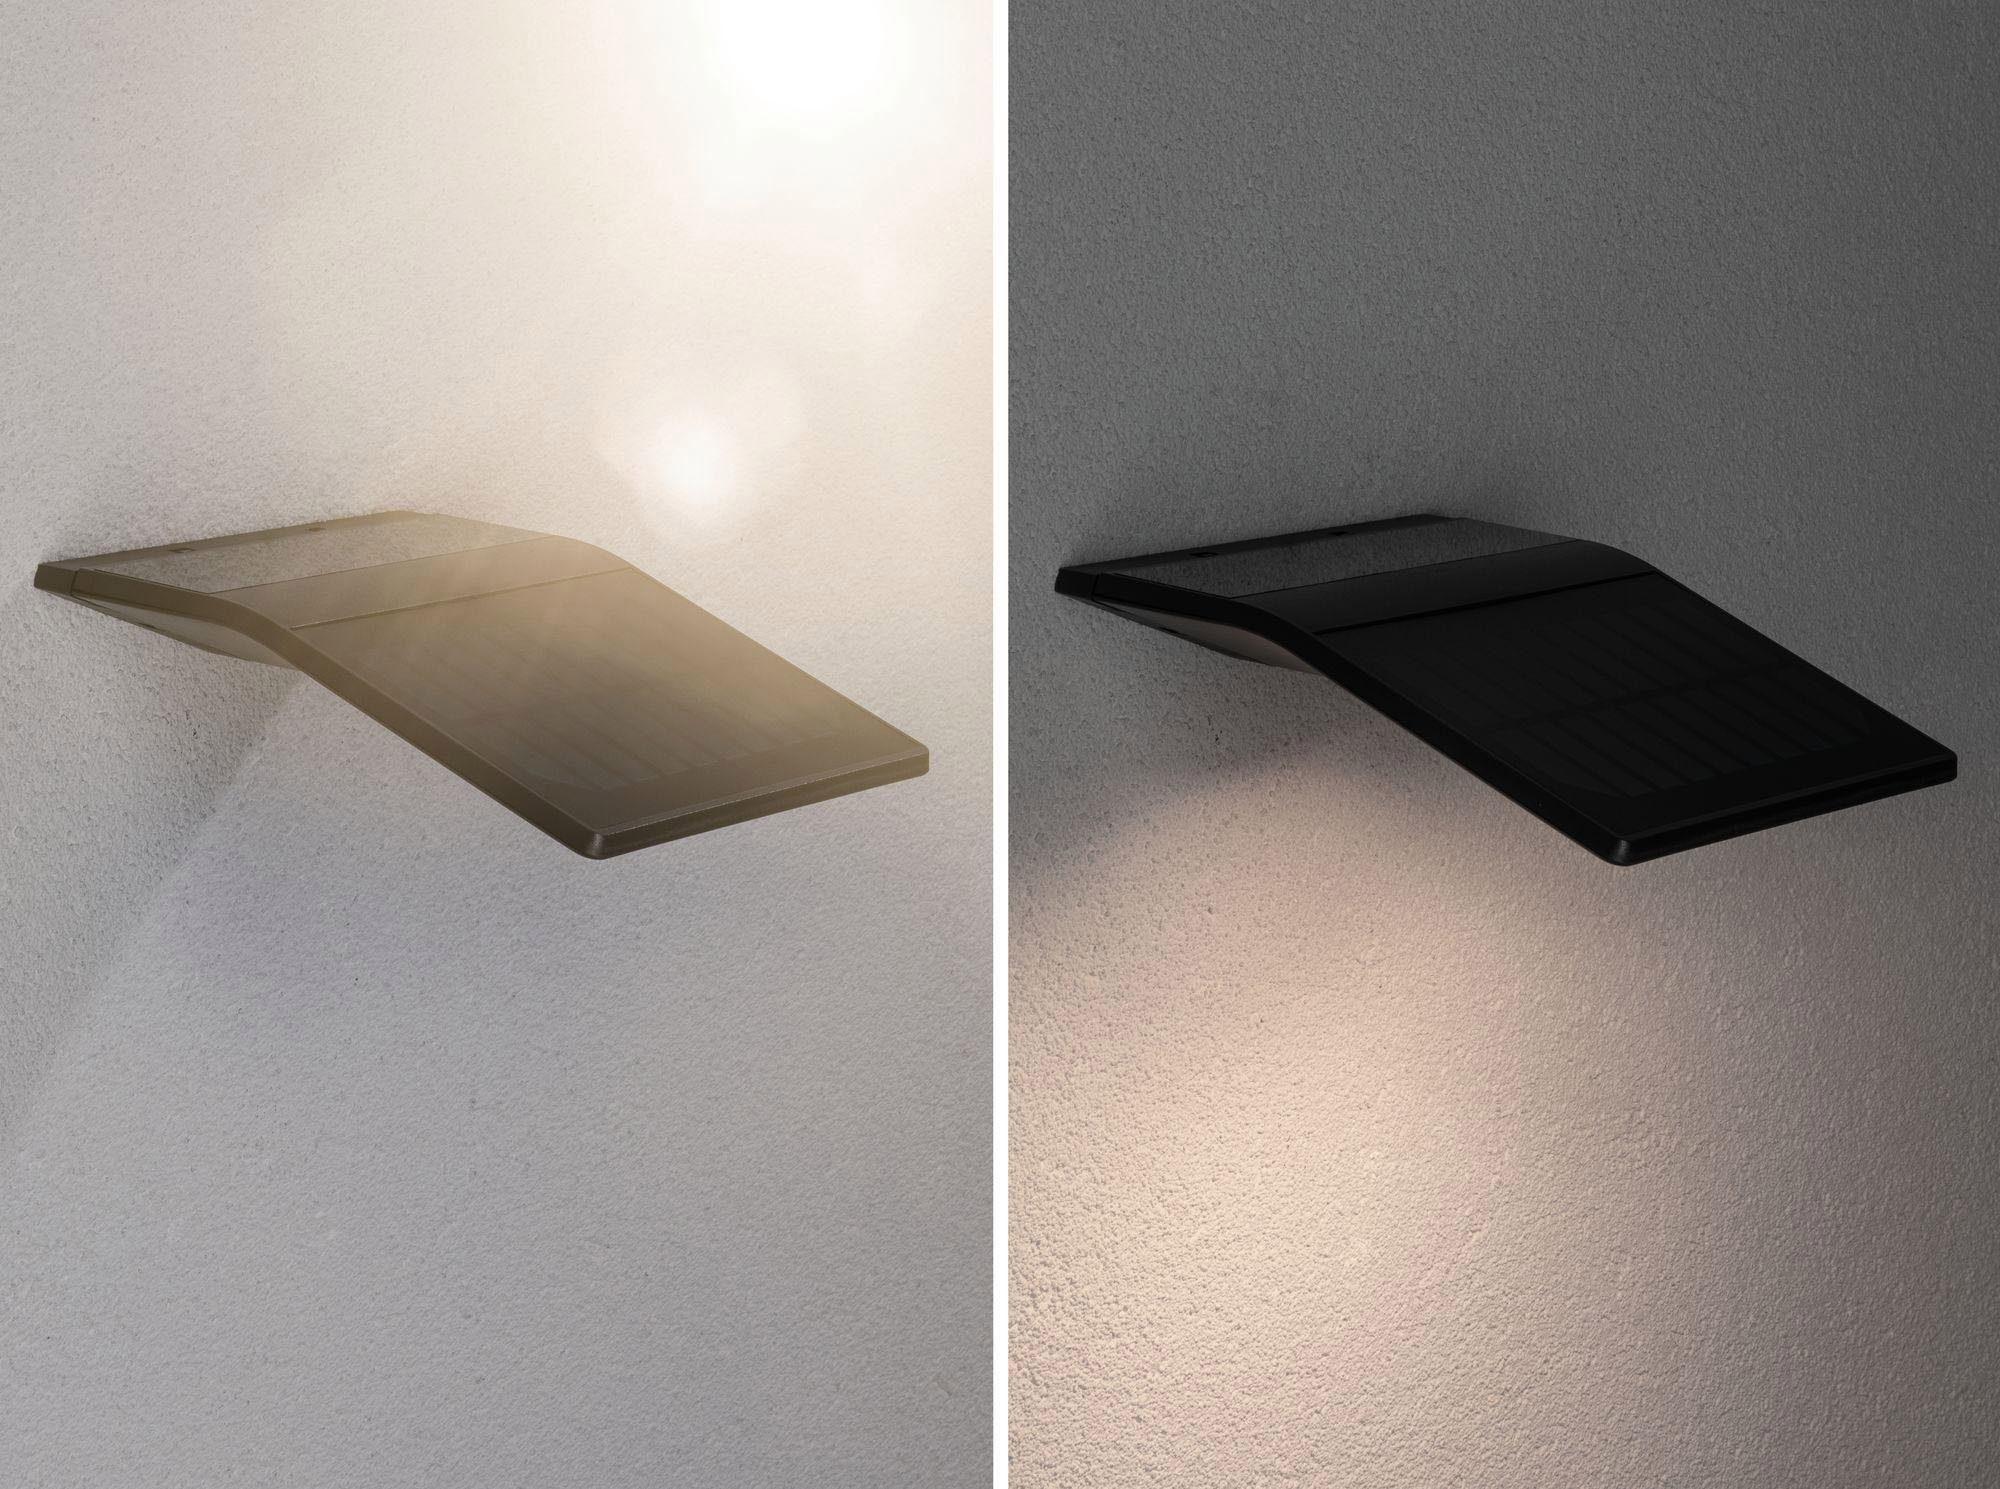 Paulmann,LED Außen-Wandleuchte Outdoor Solar Wandleuchte Yoko Anthrazit mit Bewegungsmelder 3000K